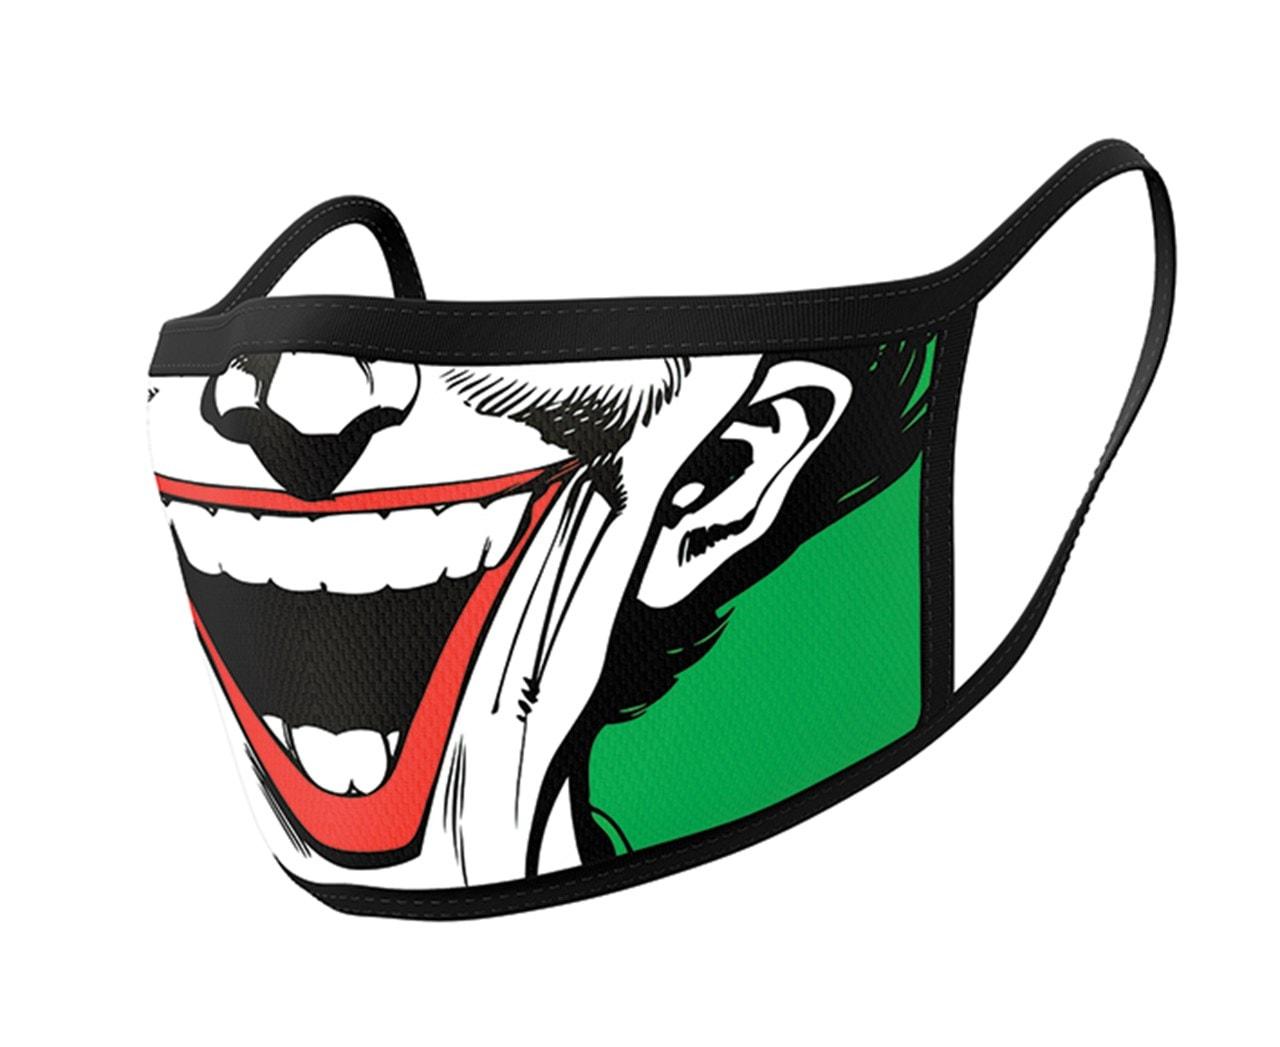 Joker Face Covering (2 pack) - 1